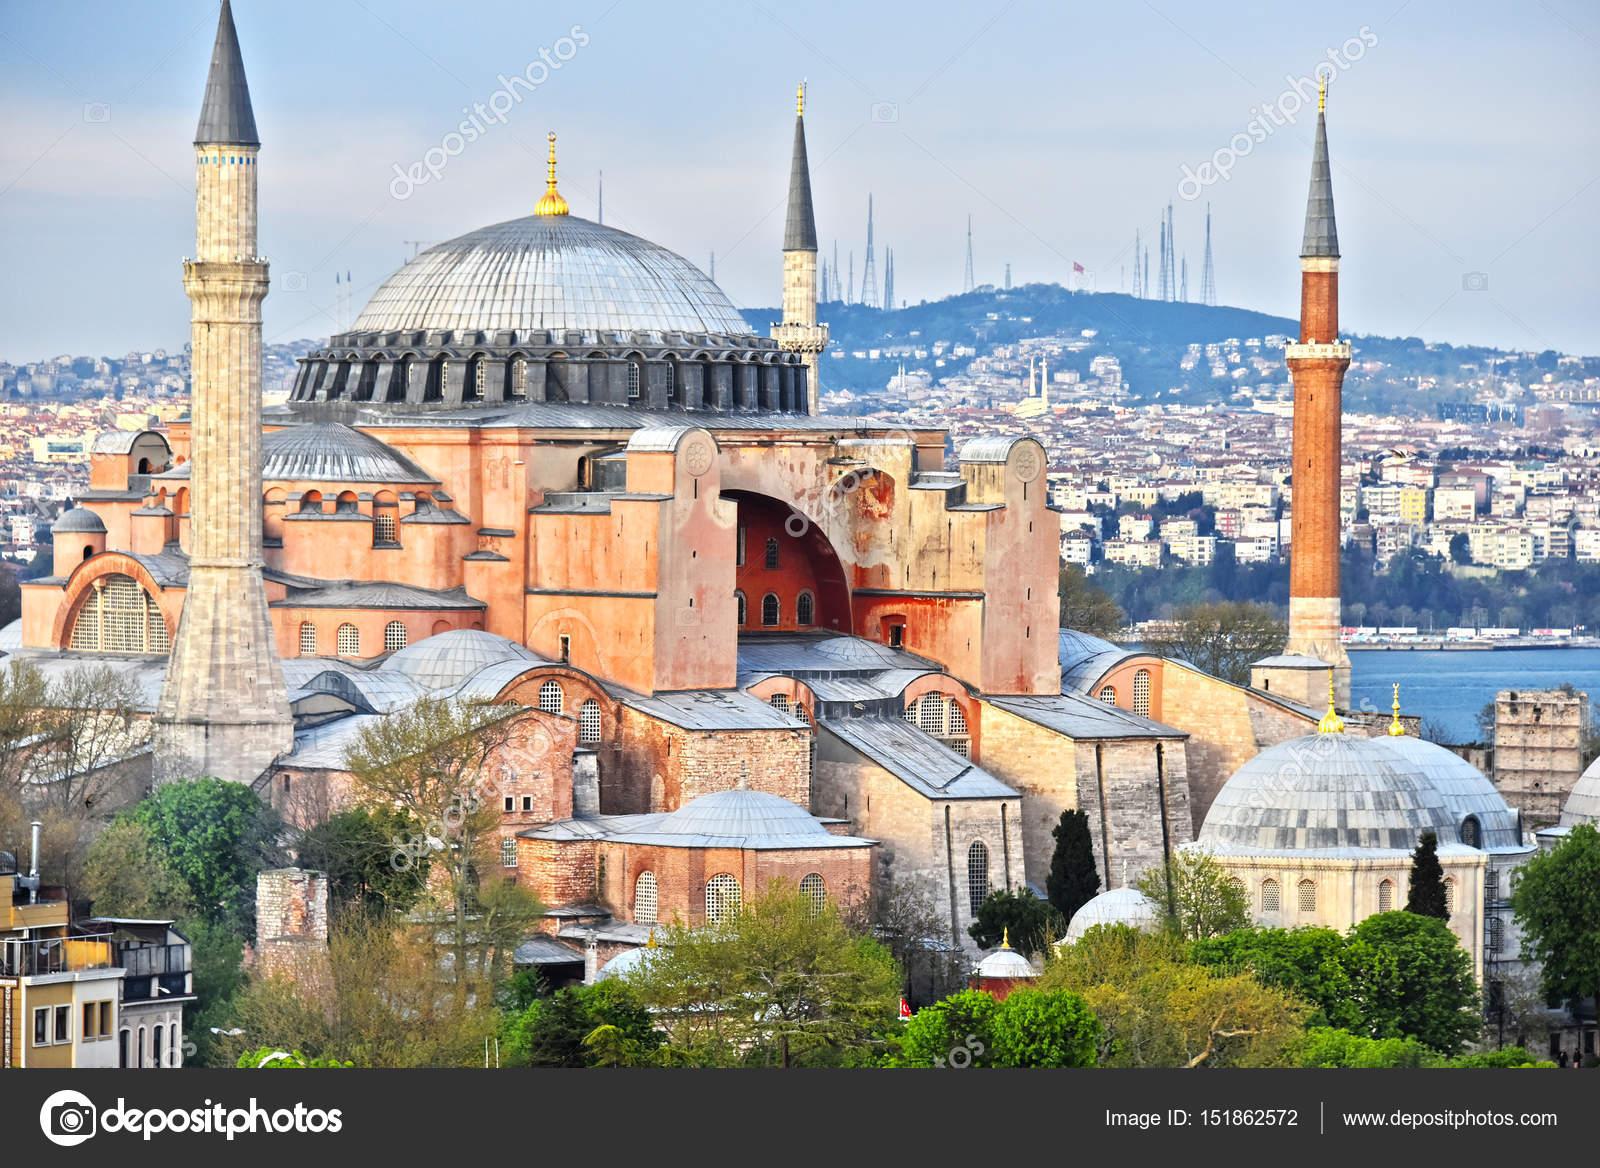 トルコ、イスタンブールのアヤソフィア博物館 (アヤソフィア聞く) — ストック写真